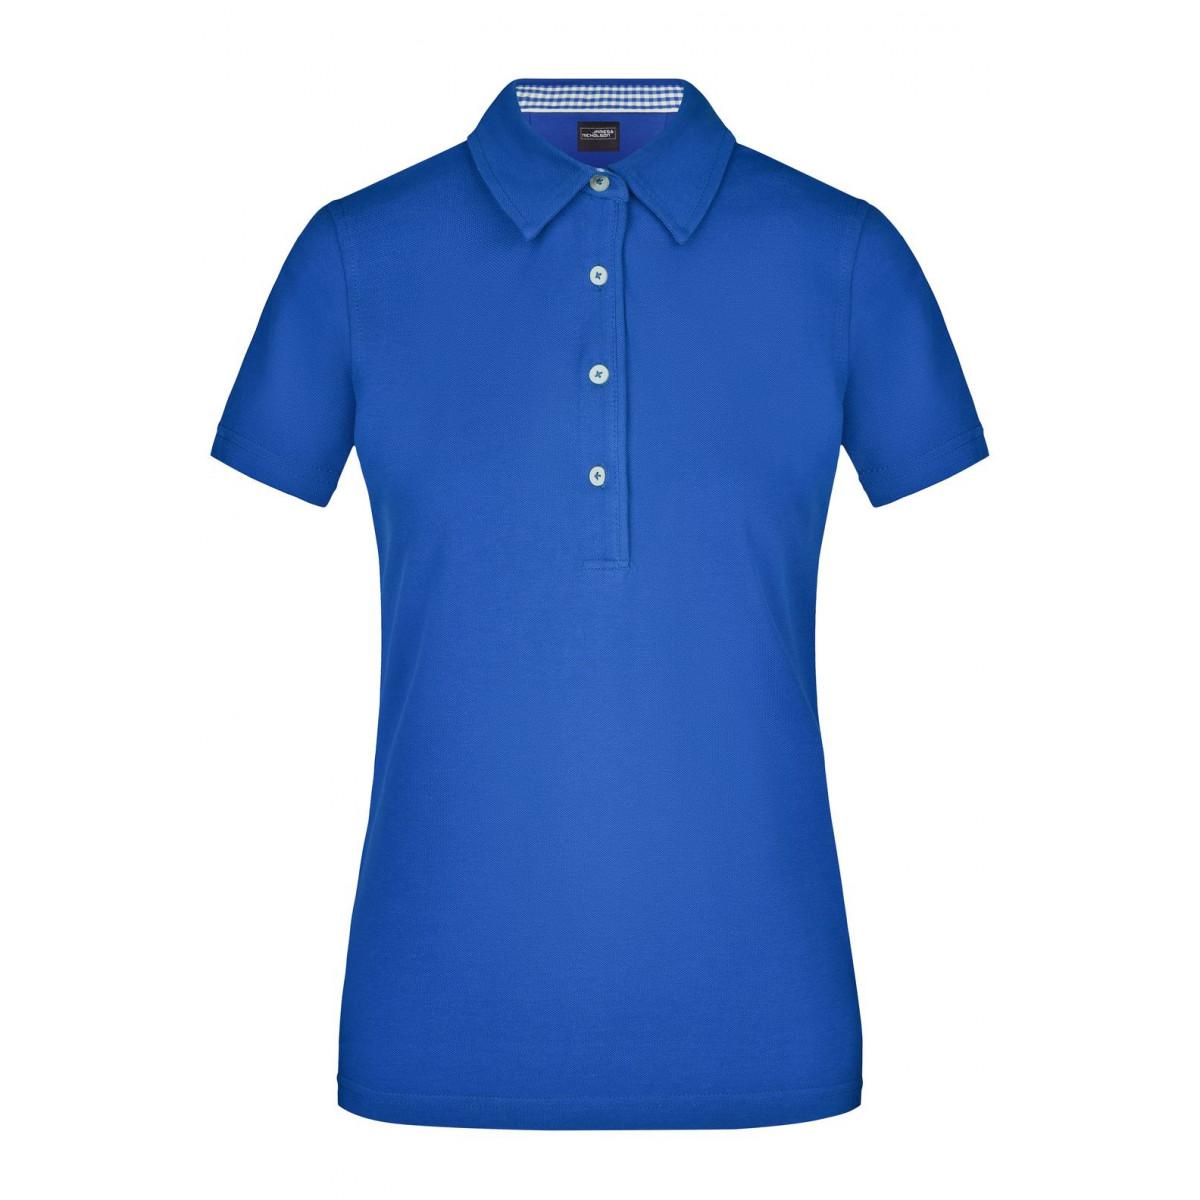 Рубашка поло женская JN969 Ladies Plain Polo - Ярко-синий/Ярко-синий-Белый